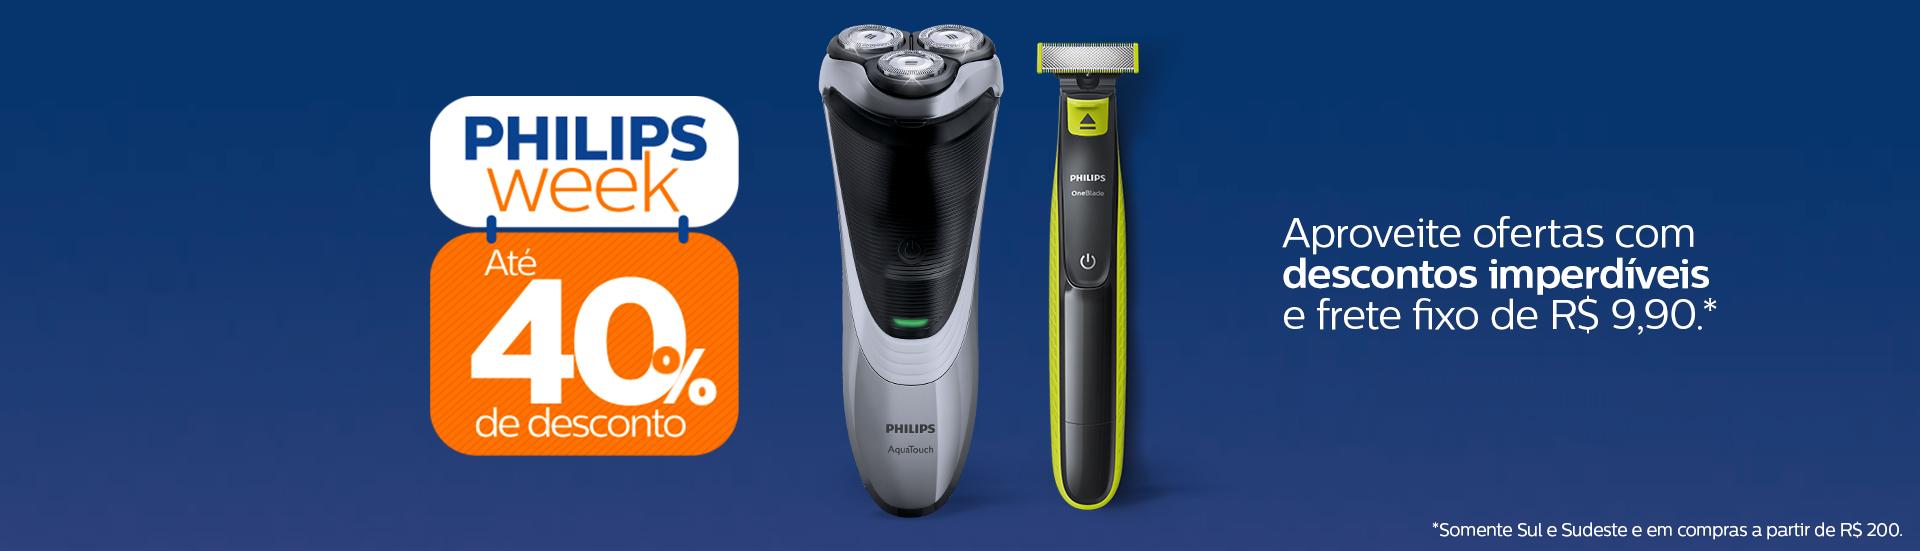 Philips Week